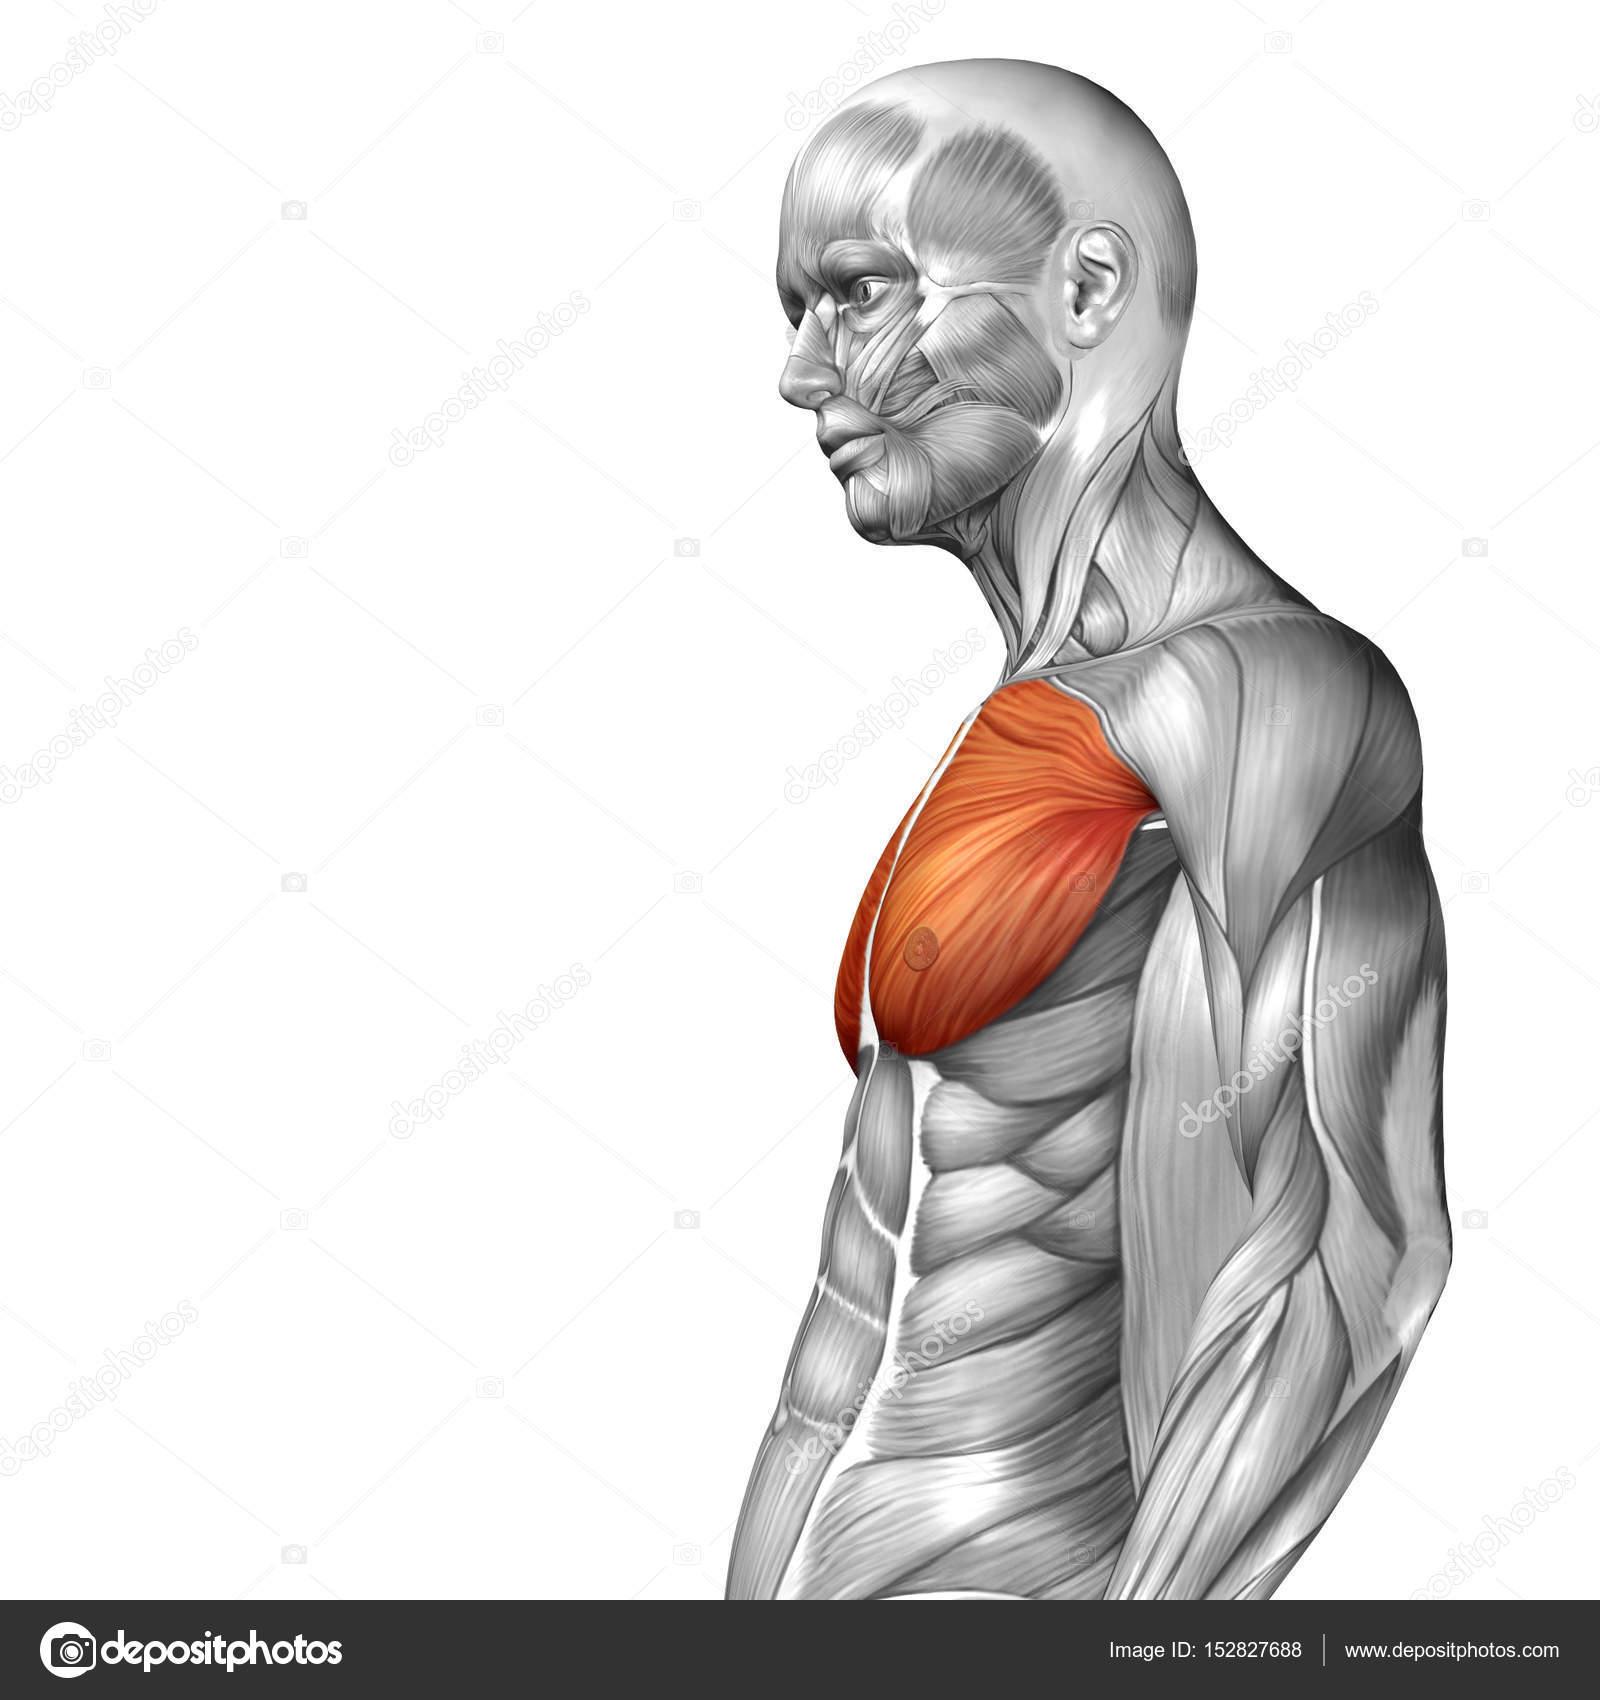 Anatomie der menschlichen Brust — Stockfoto © design36 #152827688